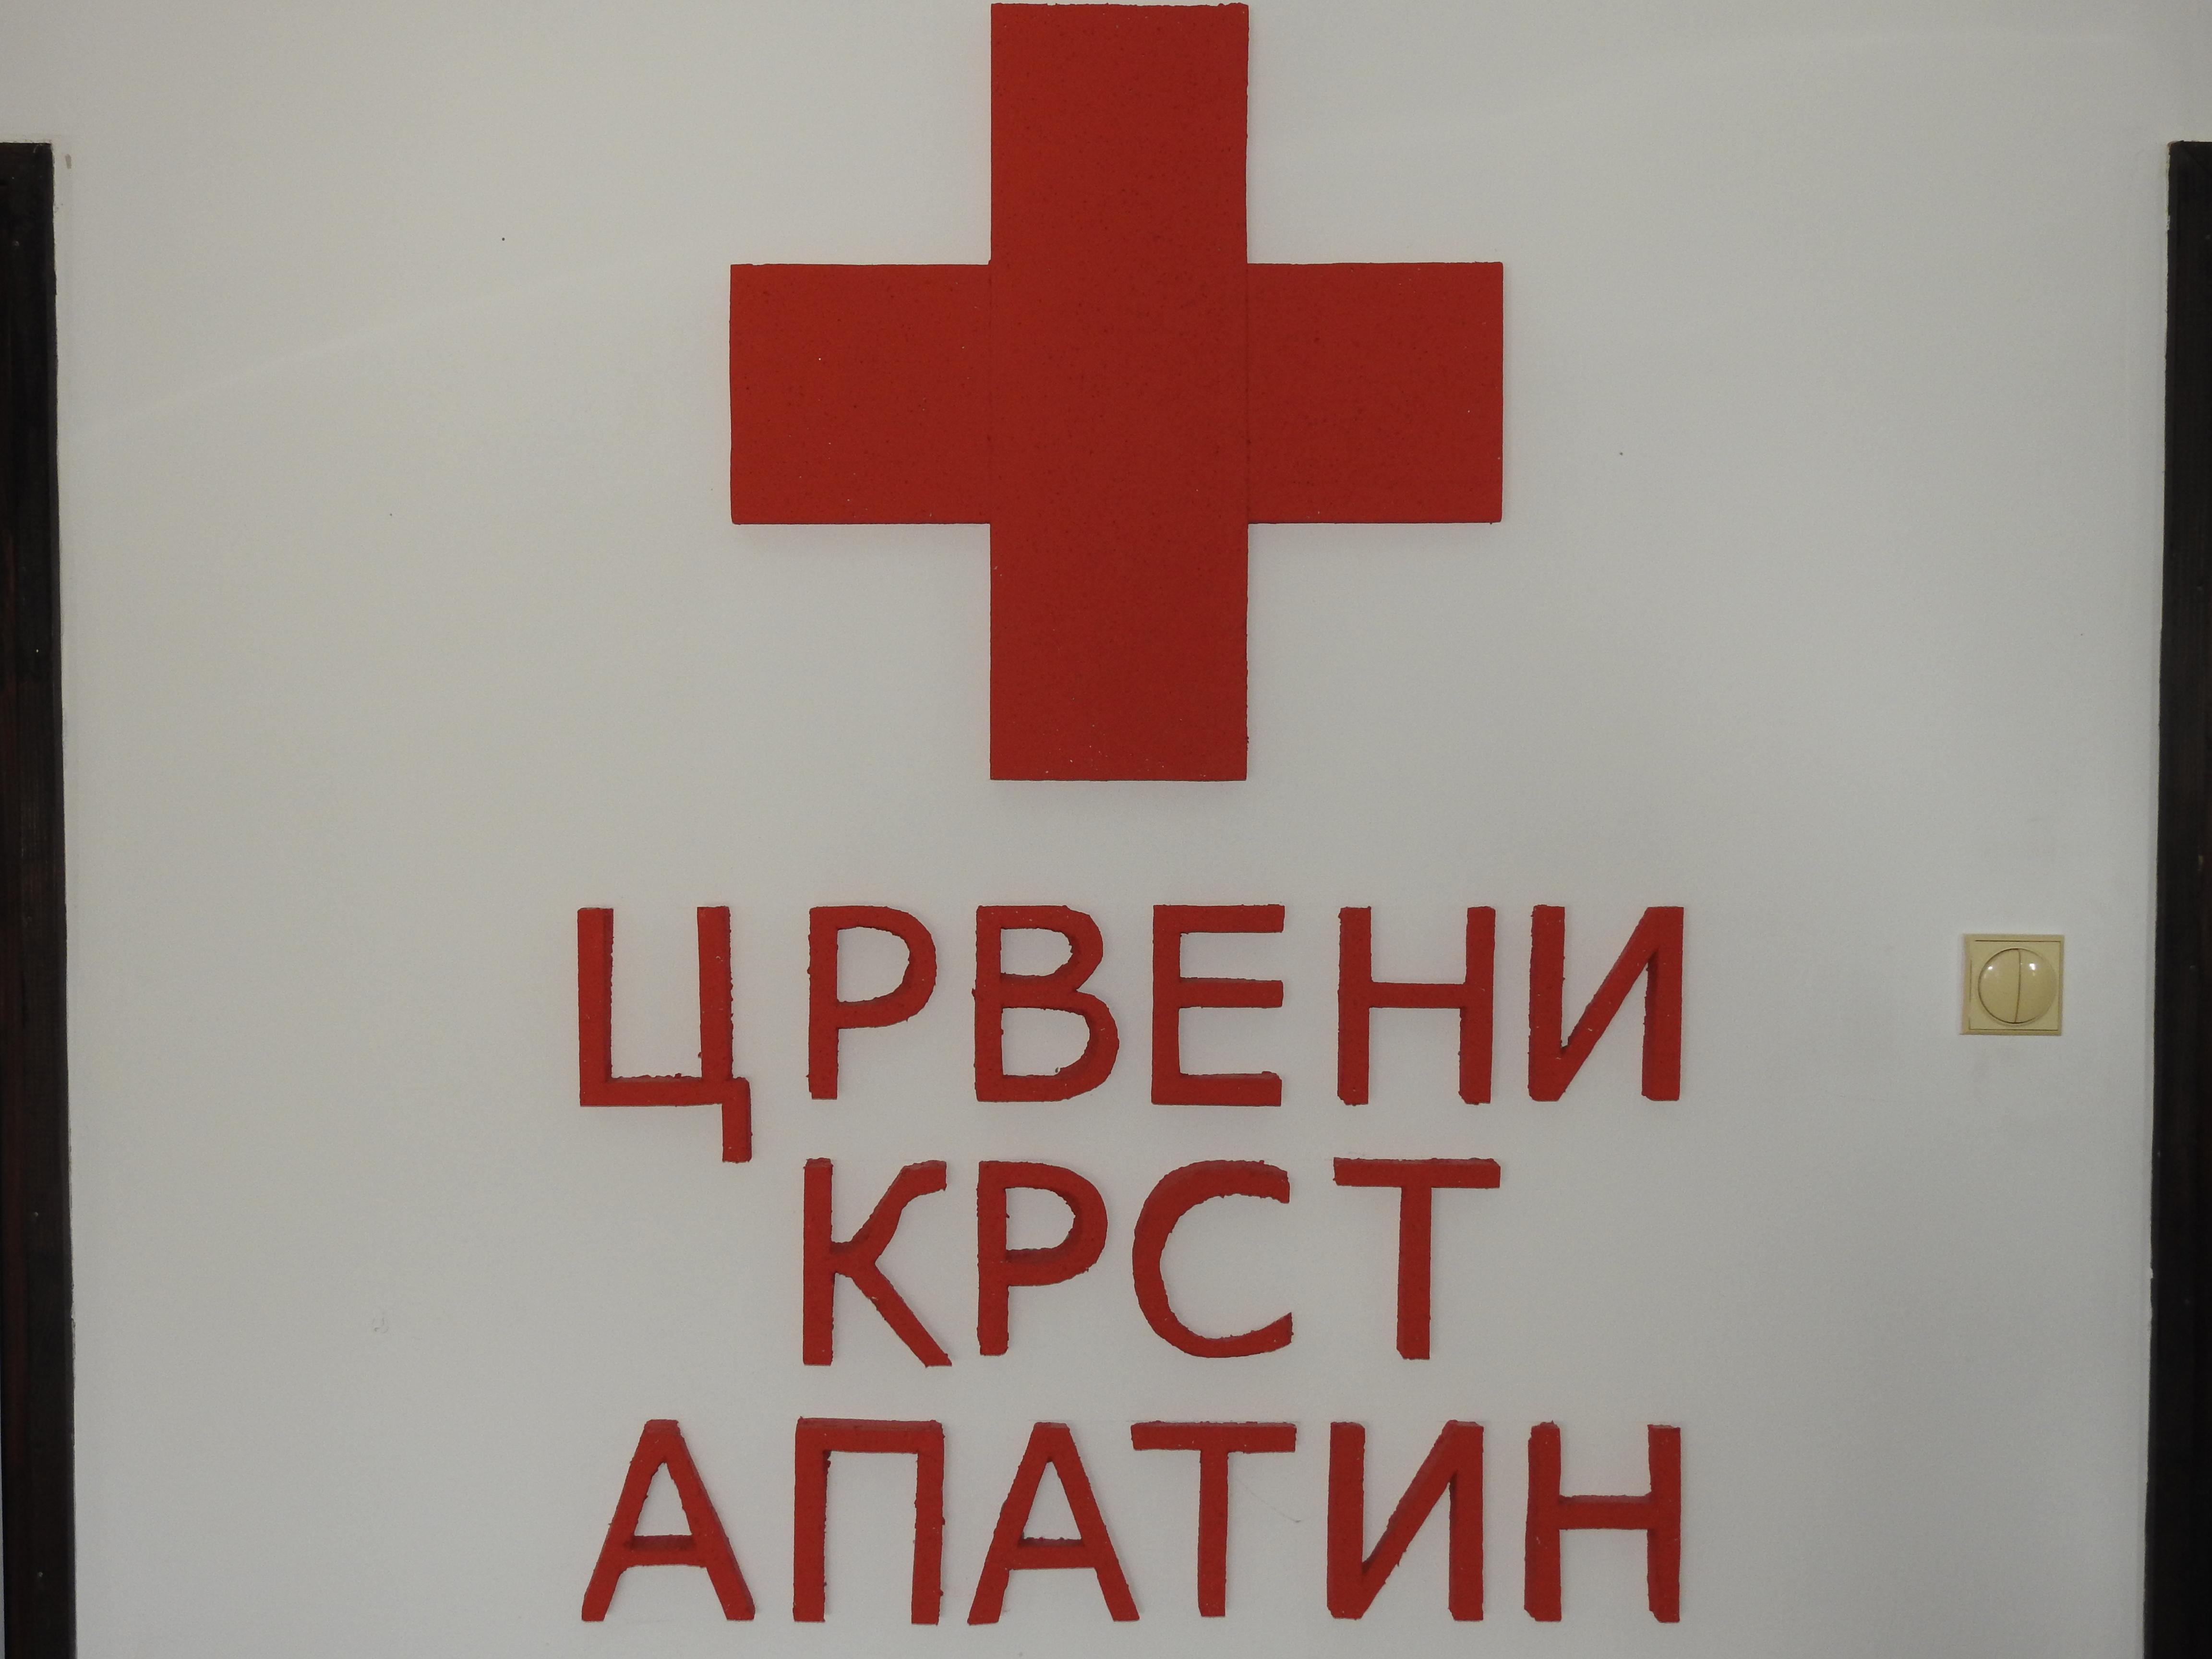 Crveni krst apatin (2)